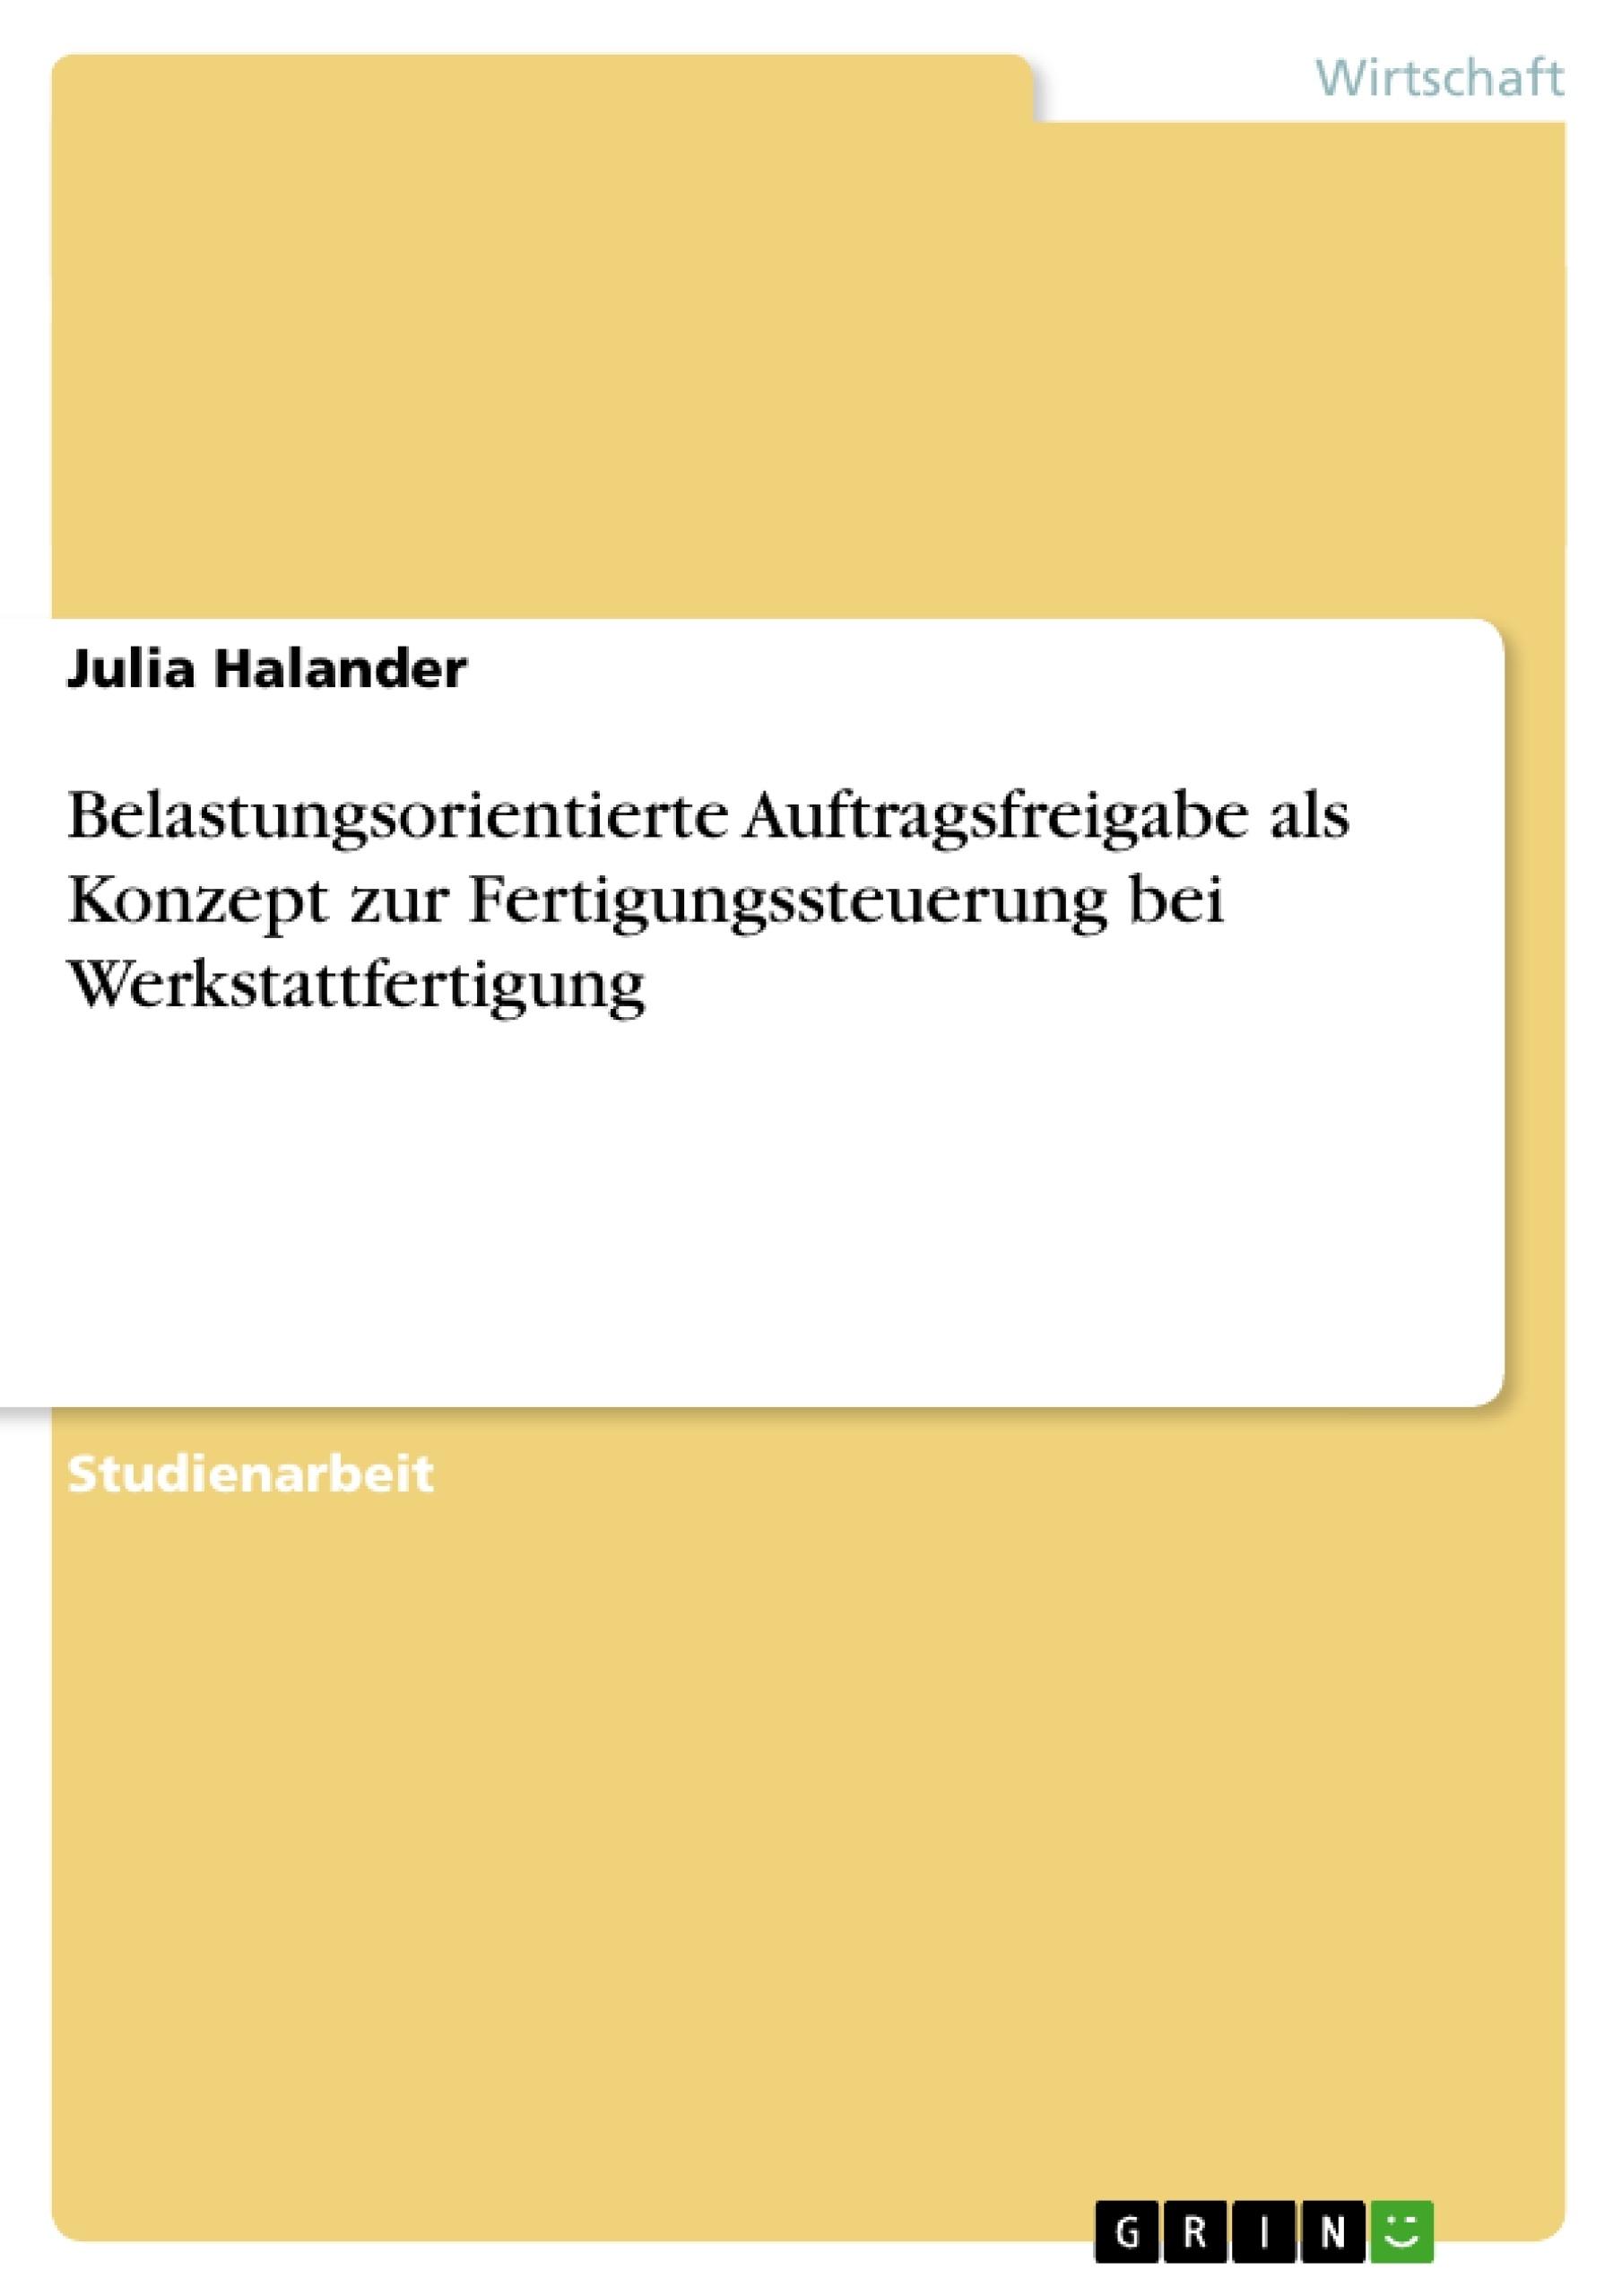 Titel: Belastungsorientierte Auftragsfreigabe als Konzept zur Fertigungssteuerung bei Werkstattfertigung